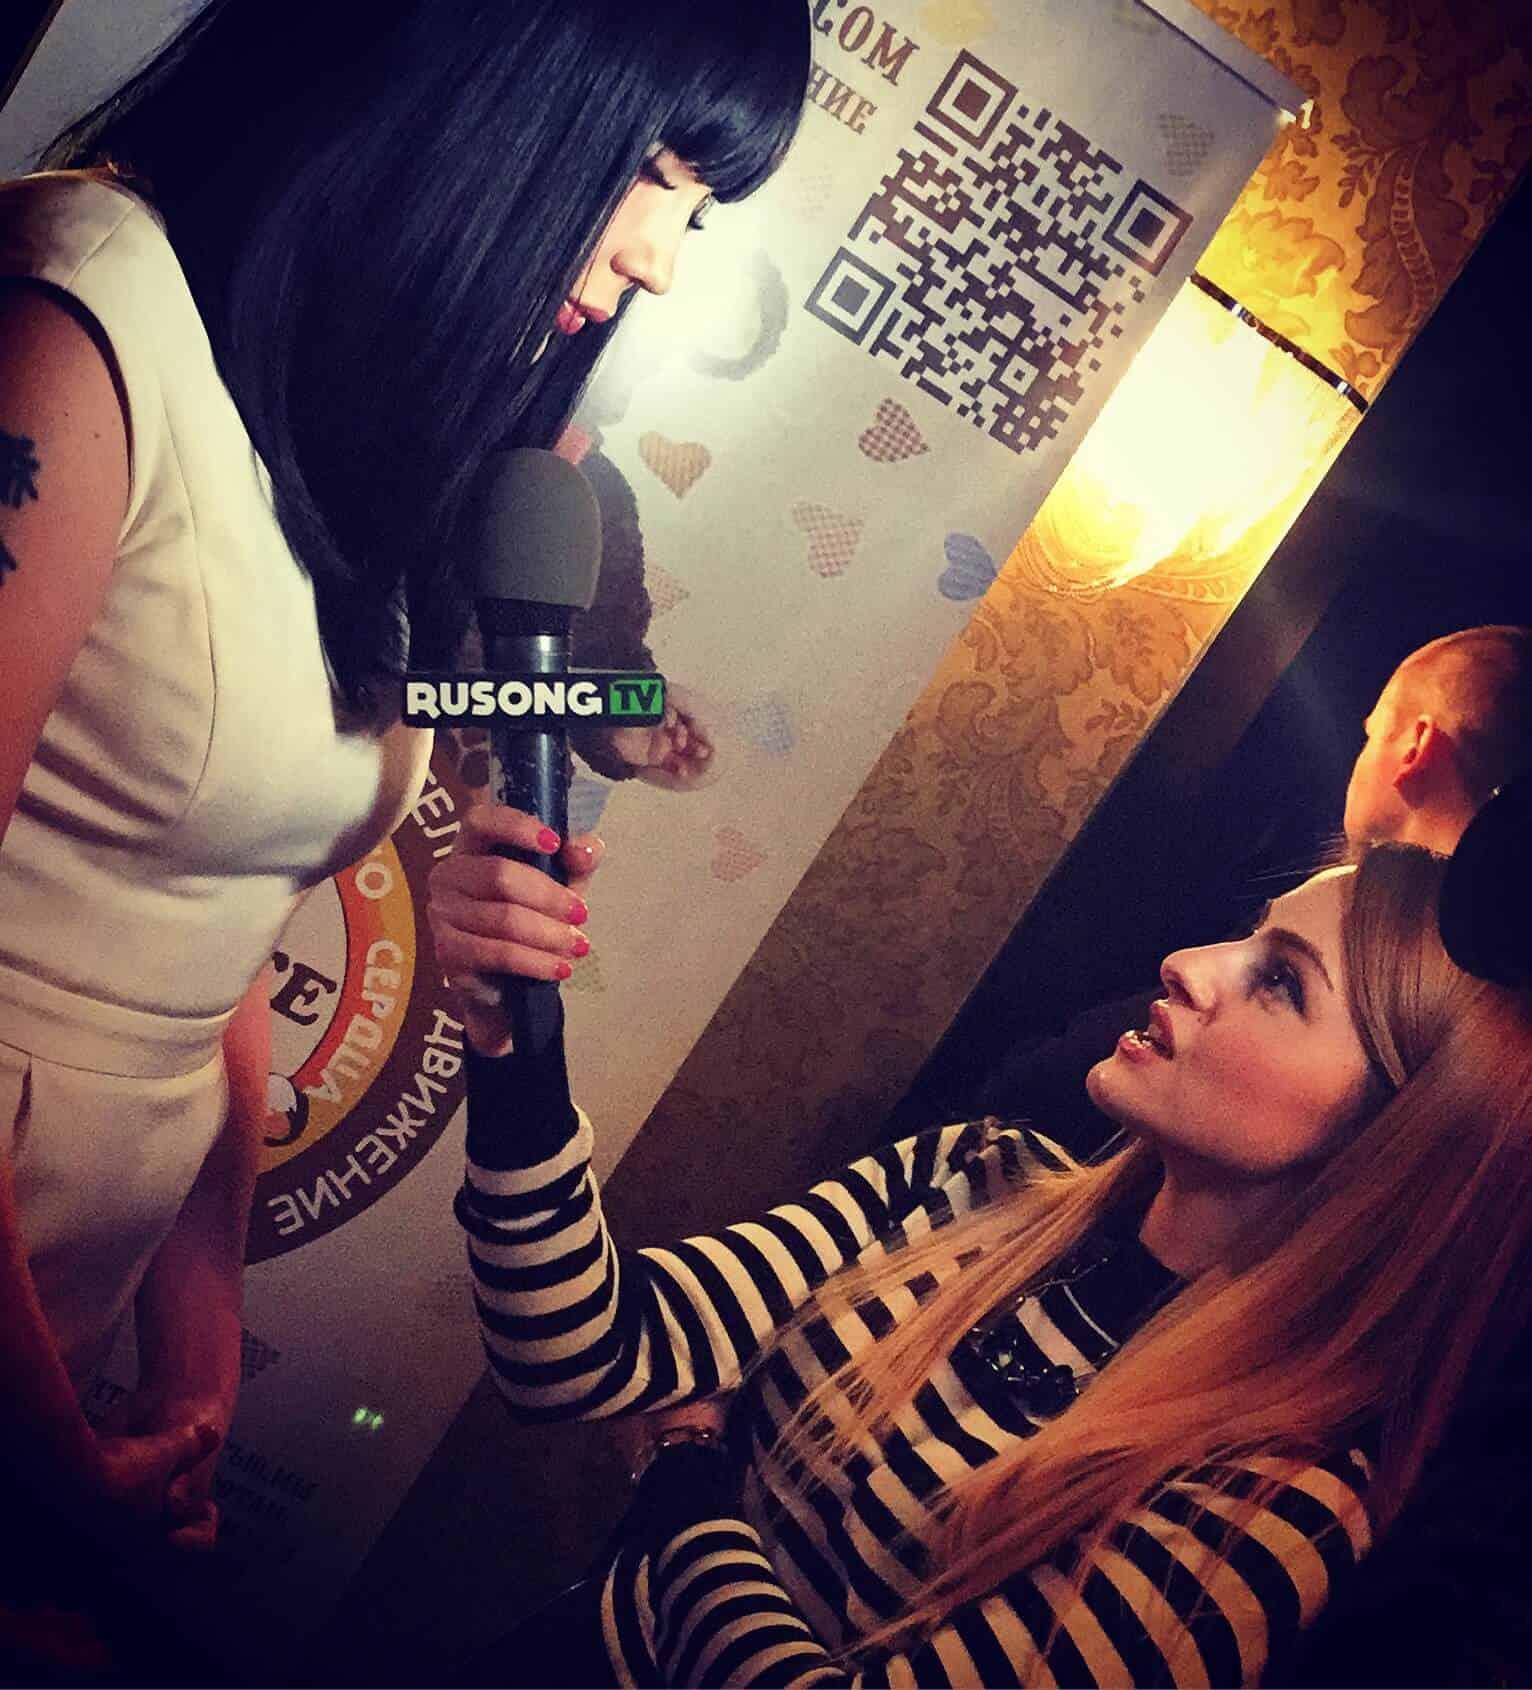 Интервью для RUSONG TV